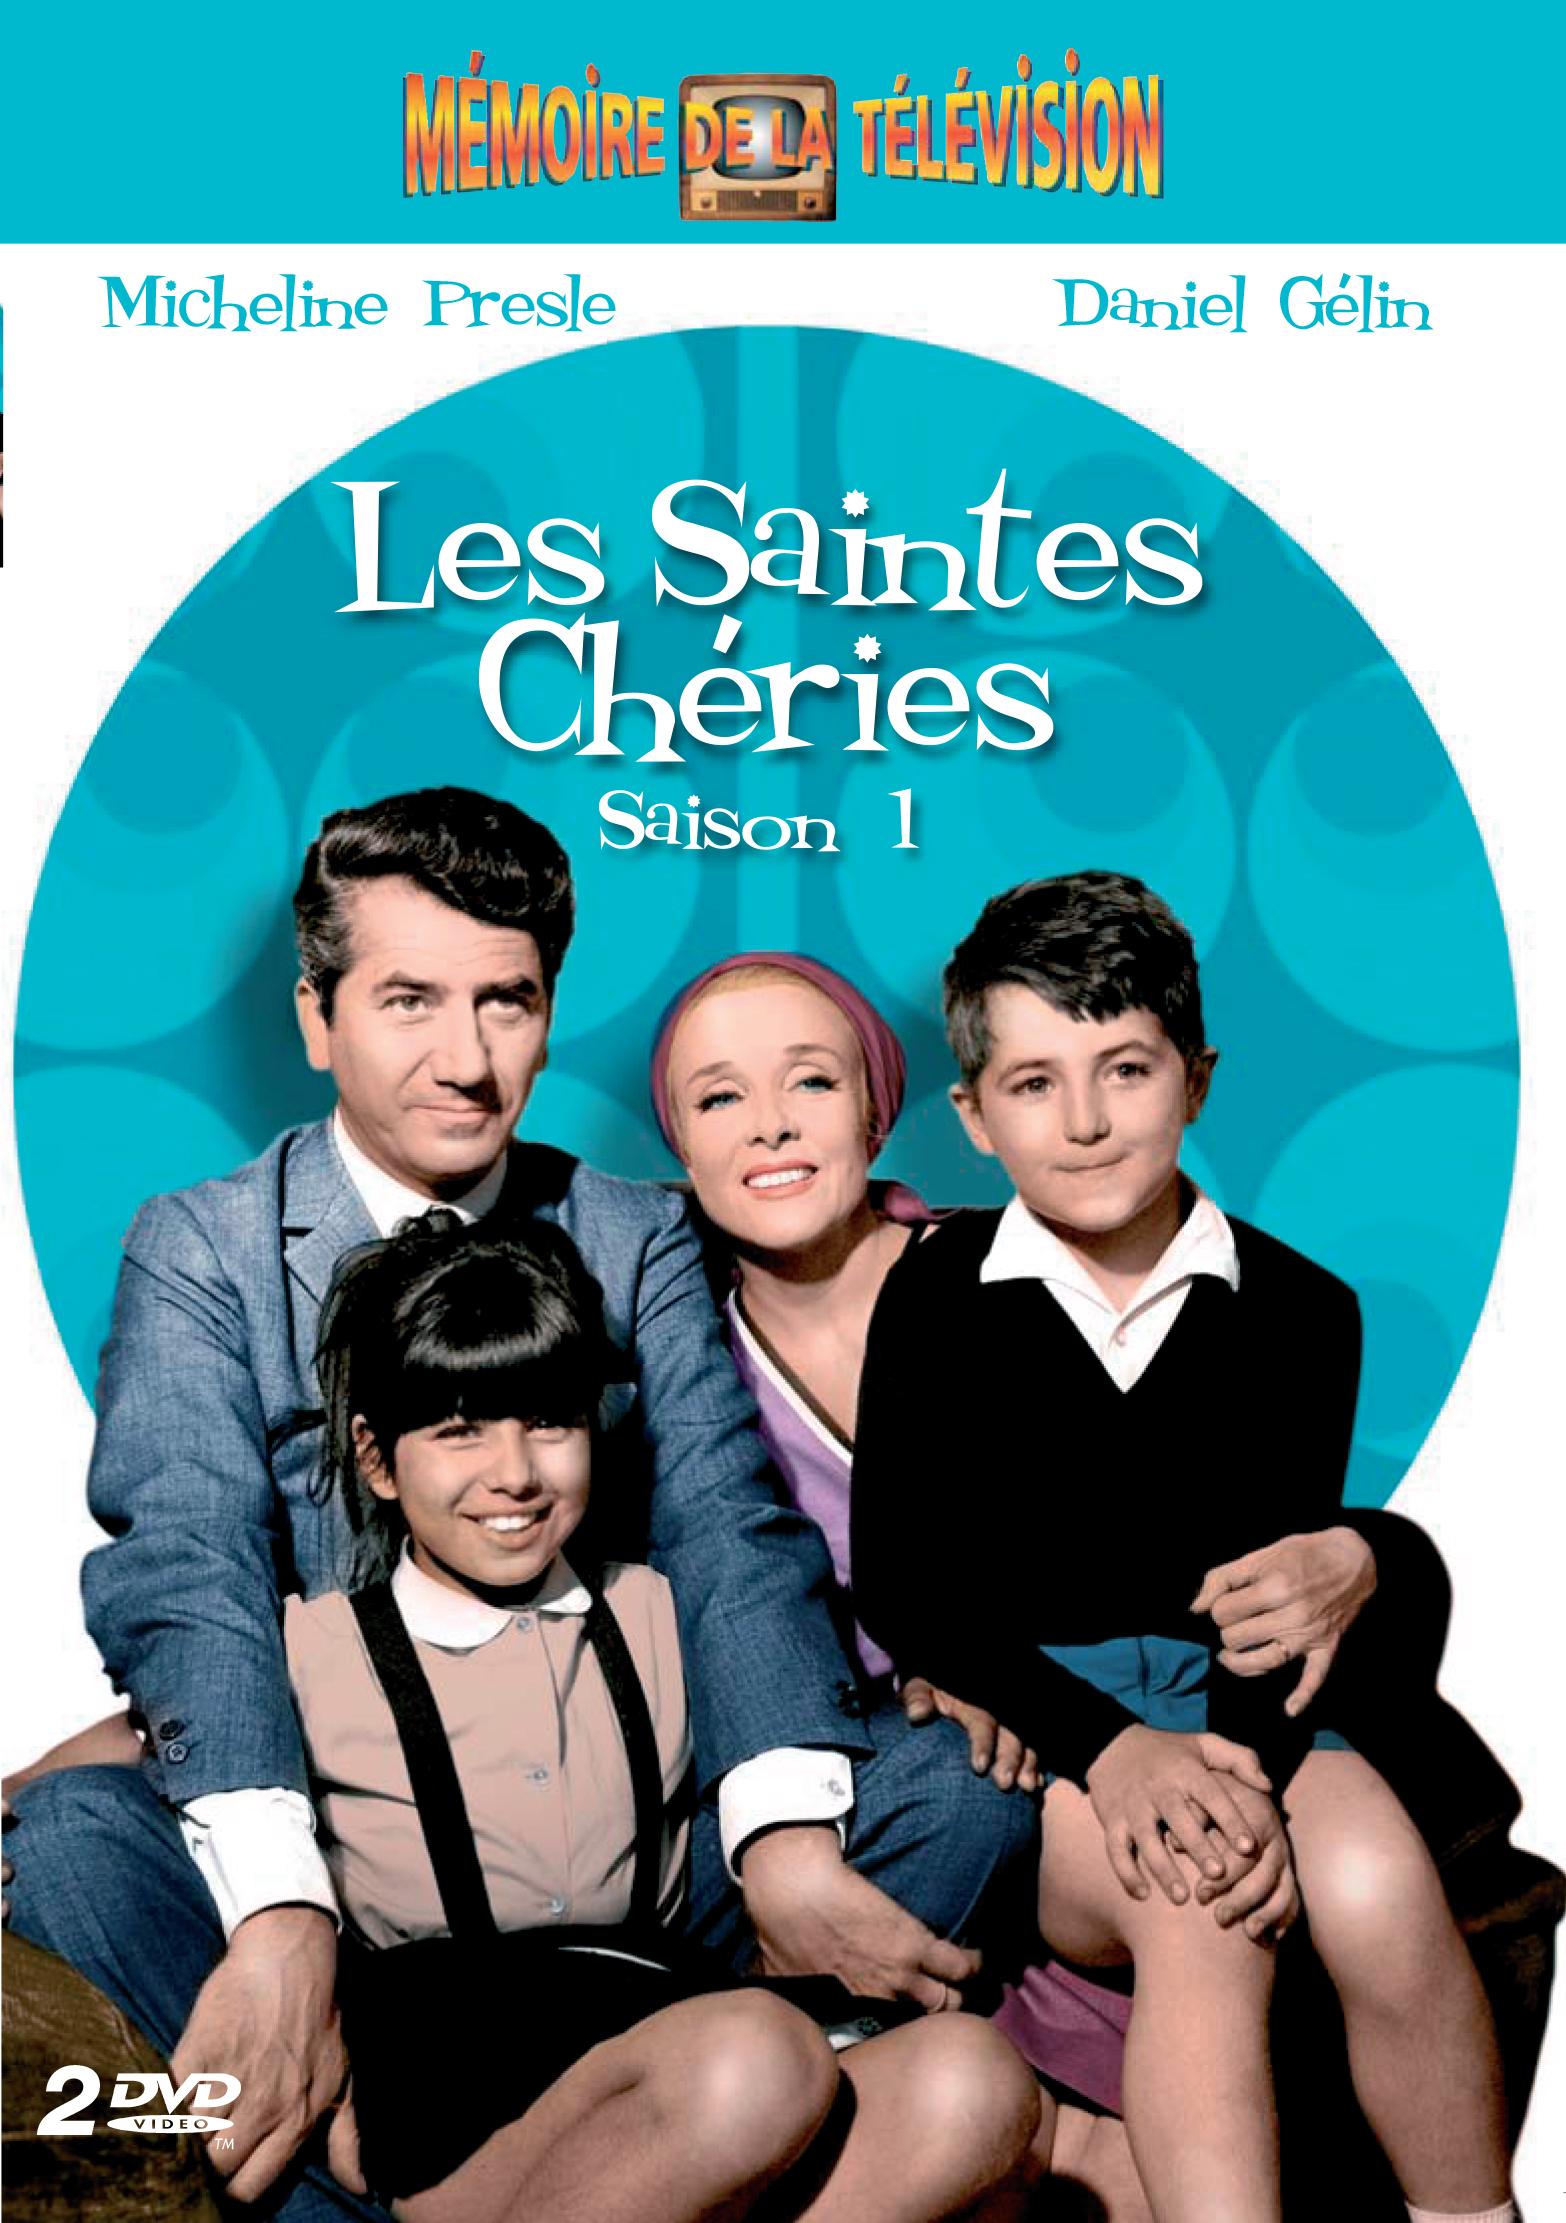 SAINTES CHERIES (LES) S1 - 2 DVD